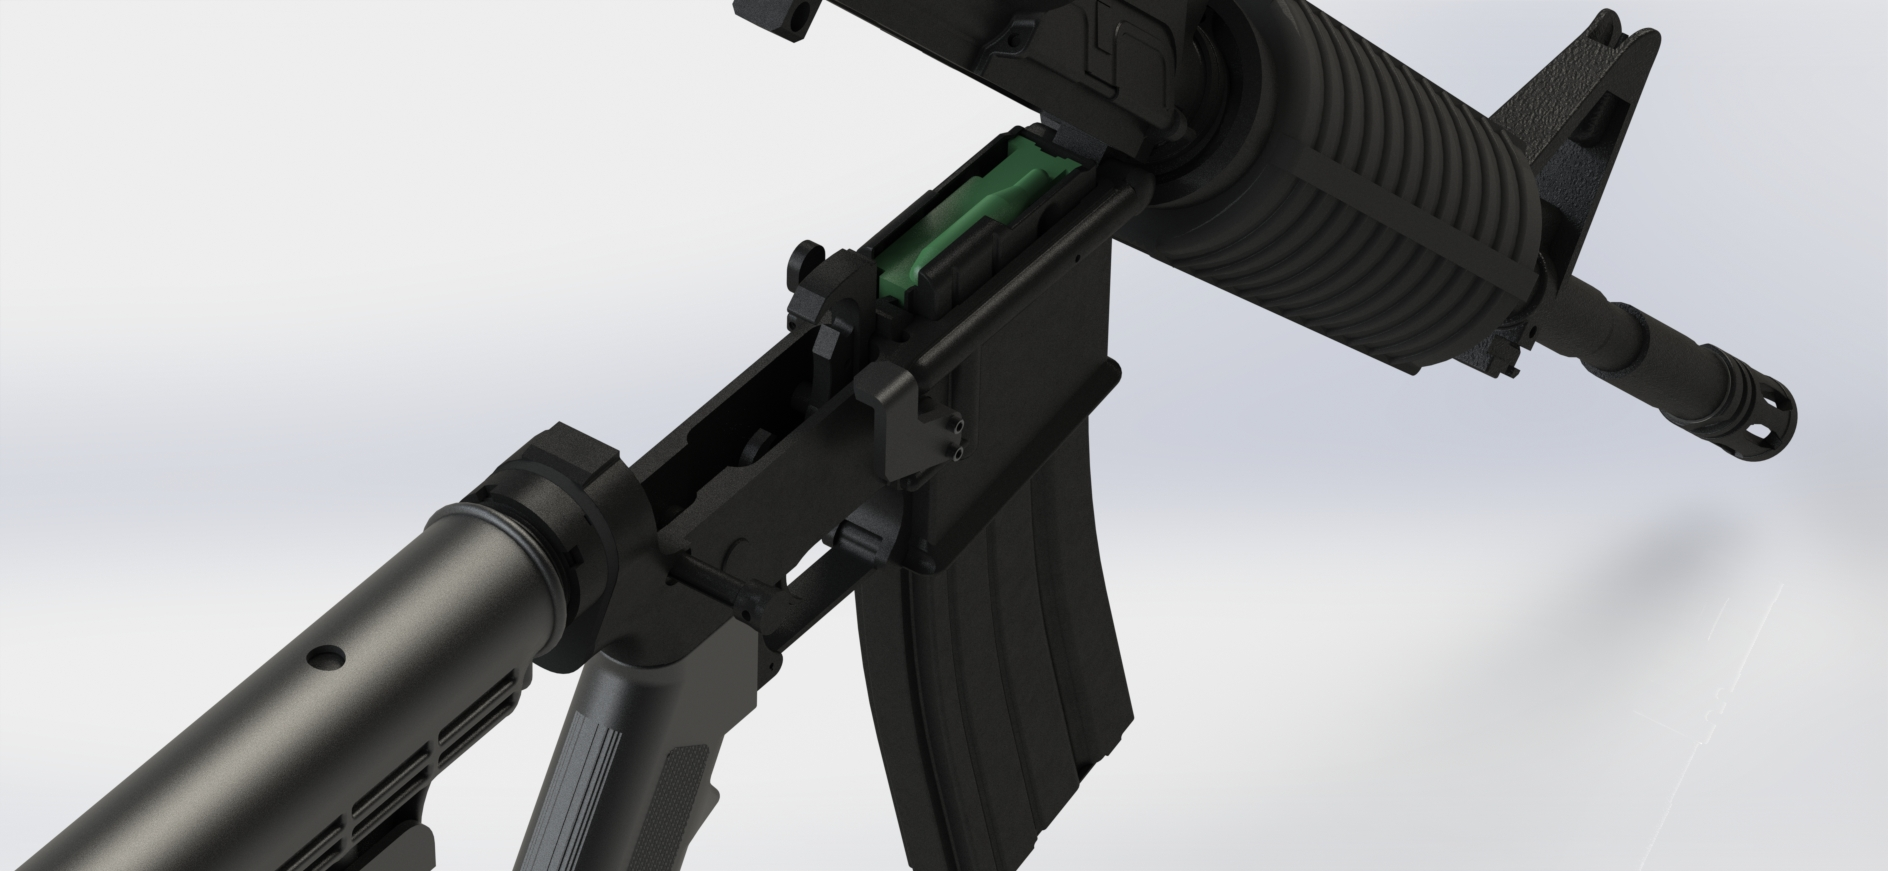 AR-15 with maglock3.JPG